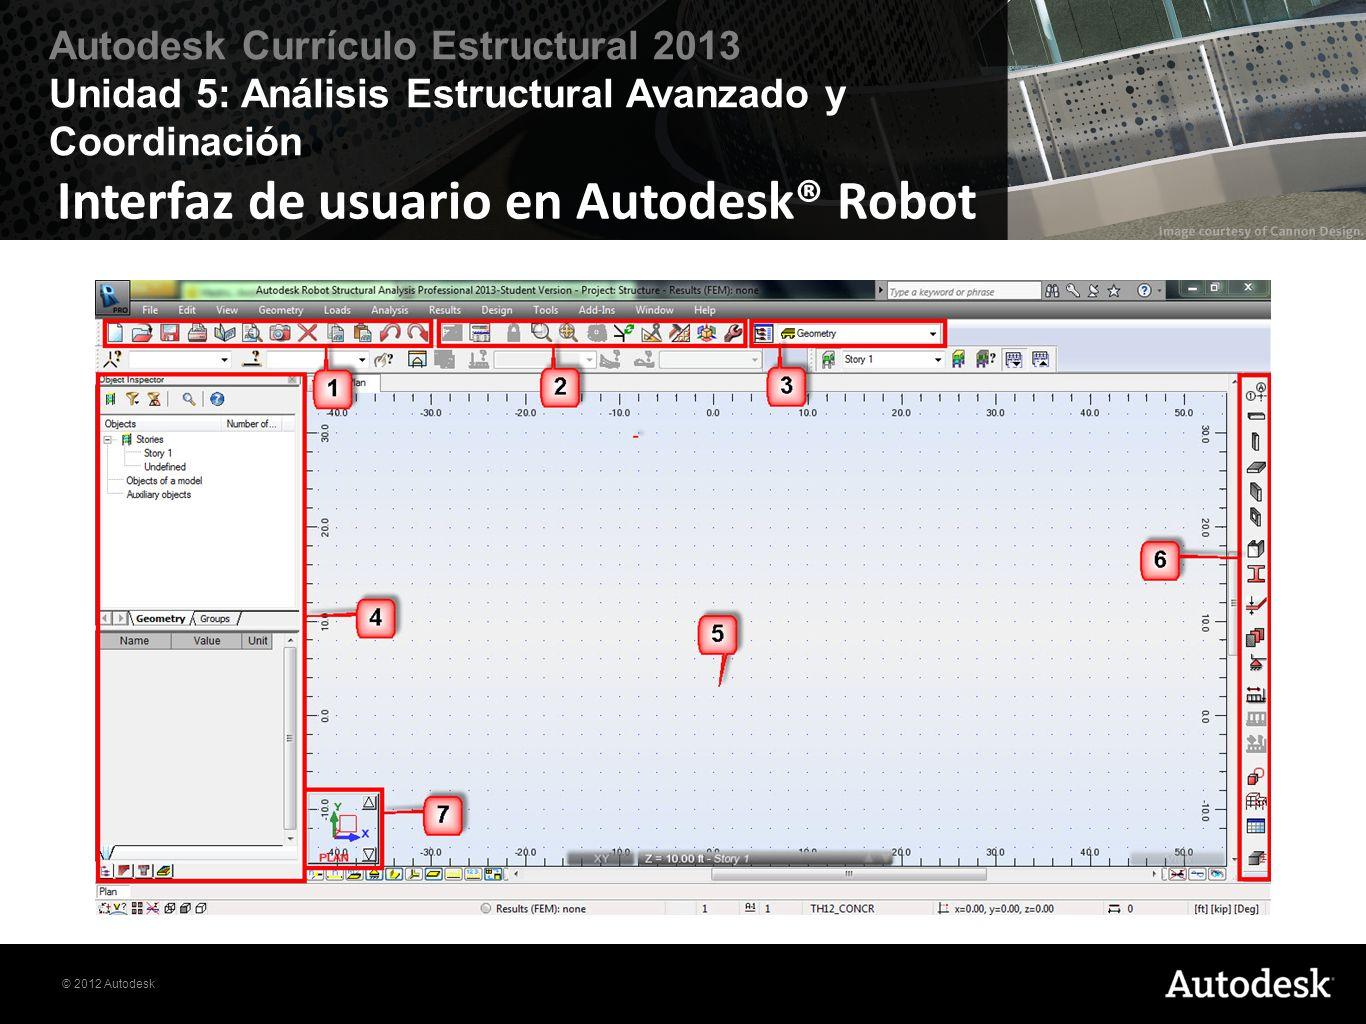 Interfaz de usuario en Autodesk® Robot